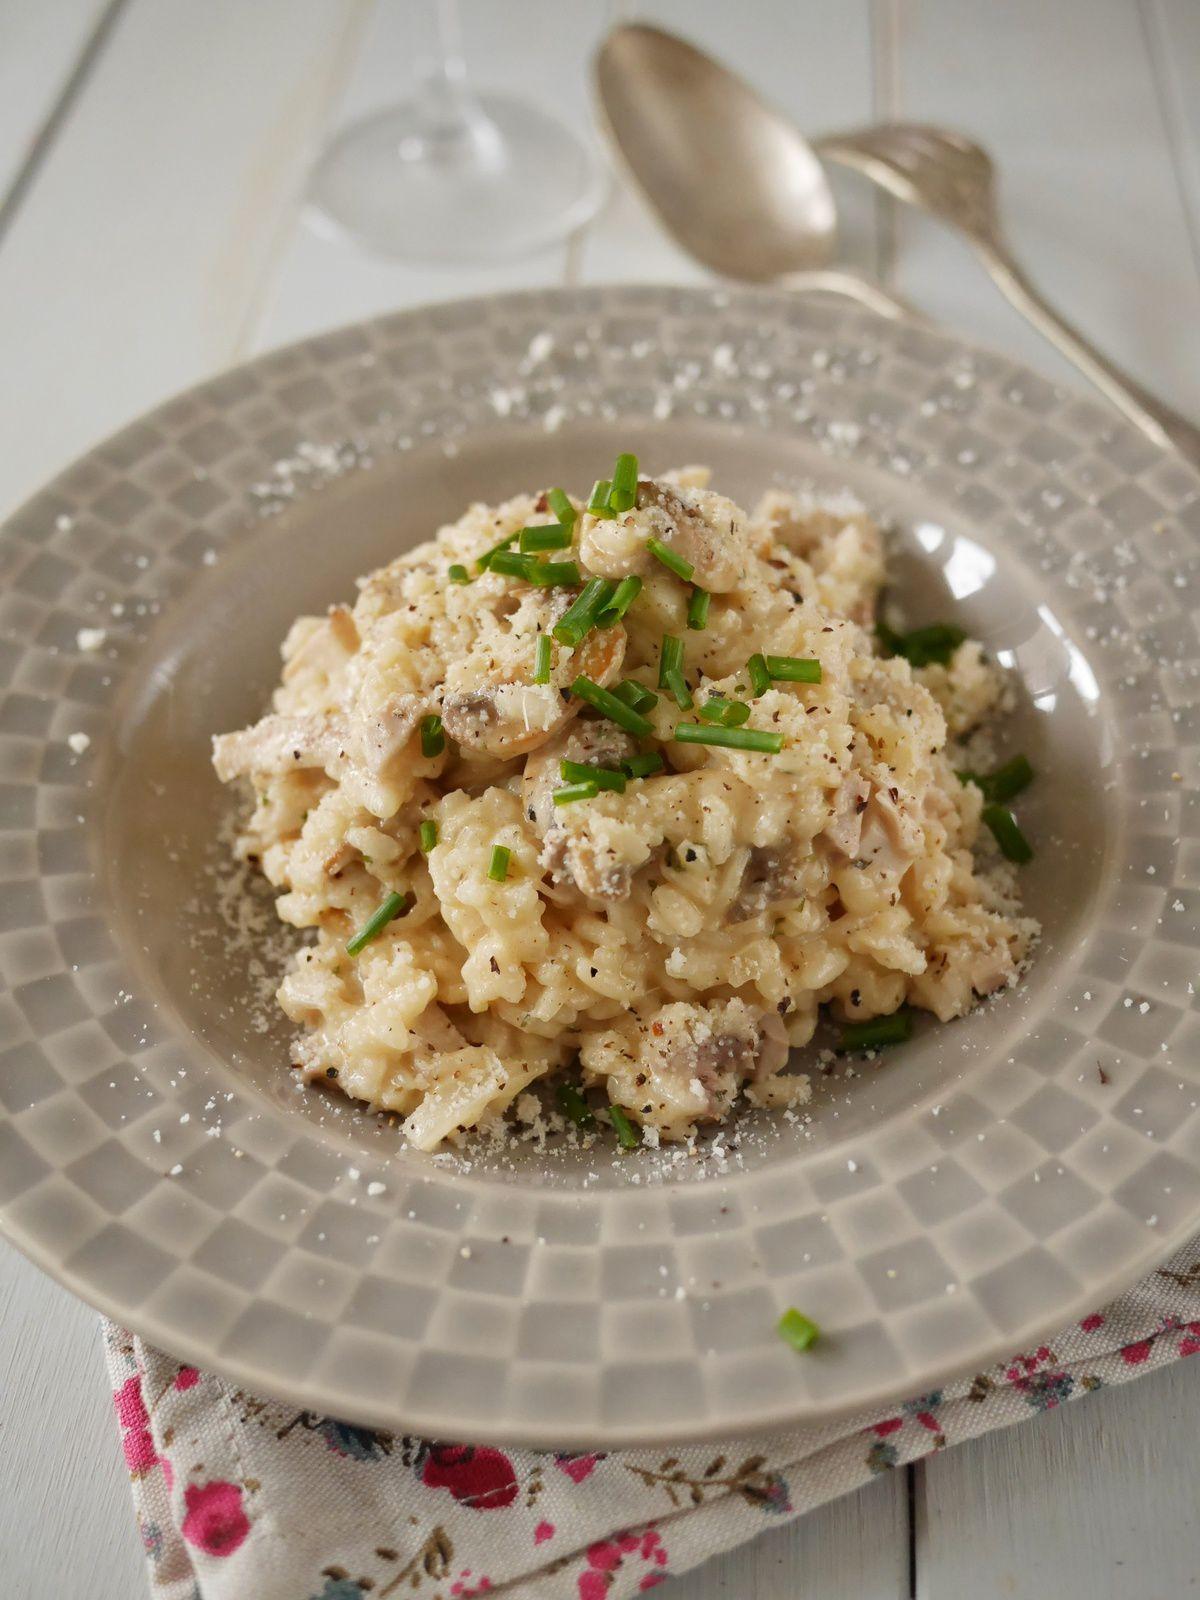 Recette Risotto Poulet Champignon : recette, risotto, poulet, champignon, Risotto, Poulet, Champignons, Cuisine, Créative,, Recettes, Popotte, Manue